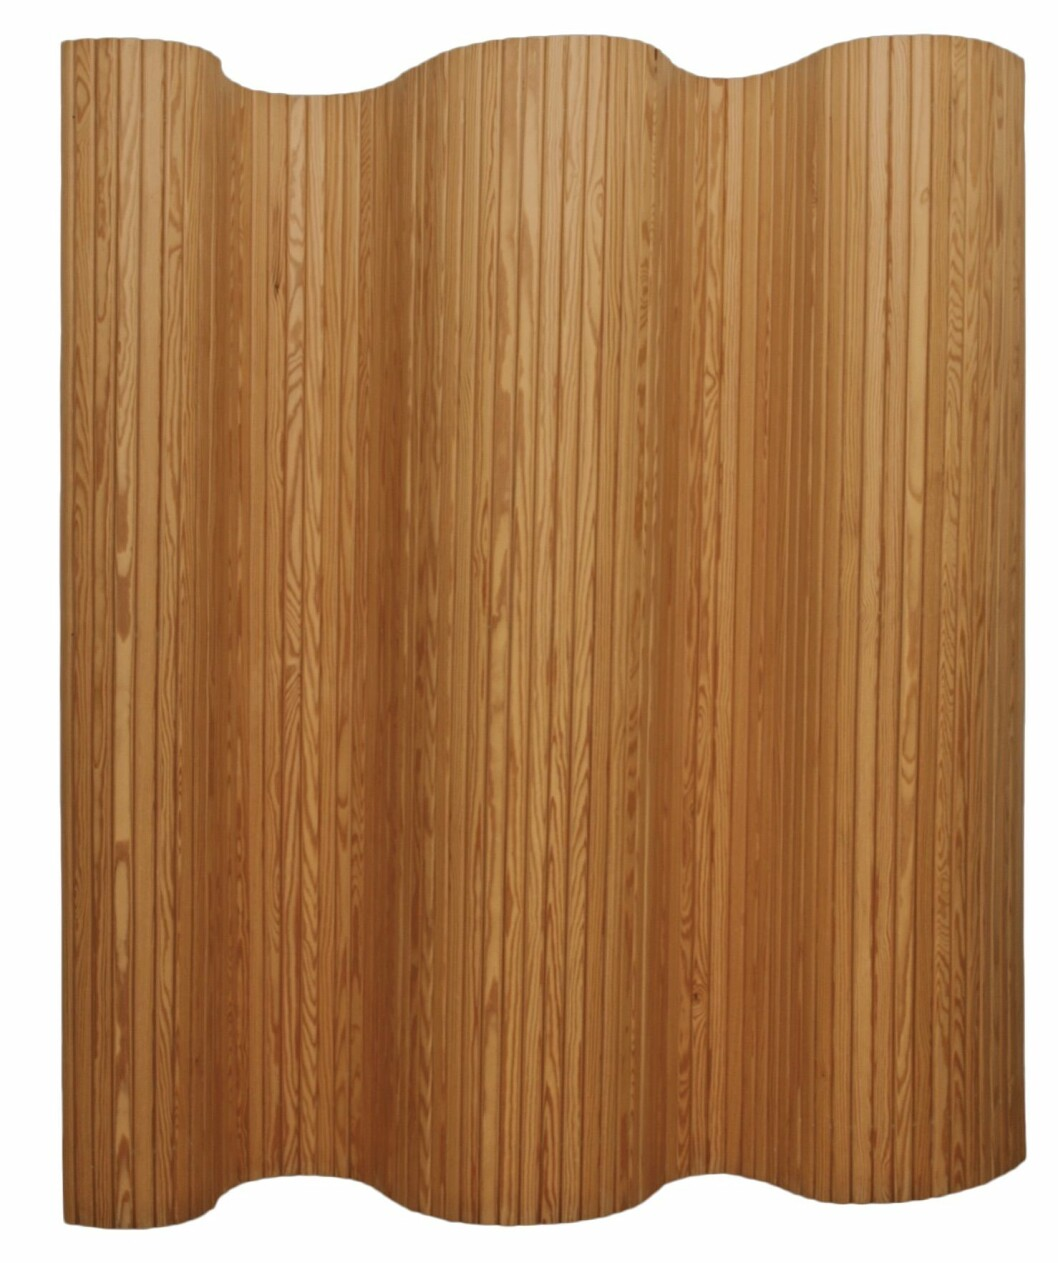 Klassiska rumsavdelaren Skärm 100 i trä med spännande form, design Alvar Aalto för Artek.